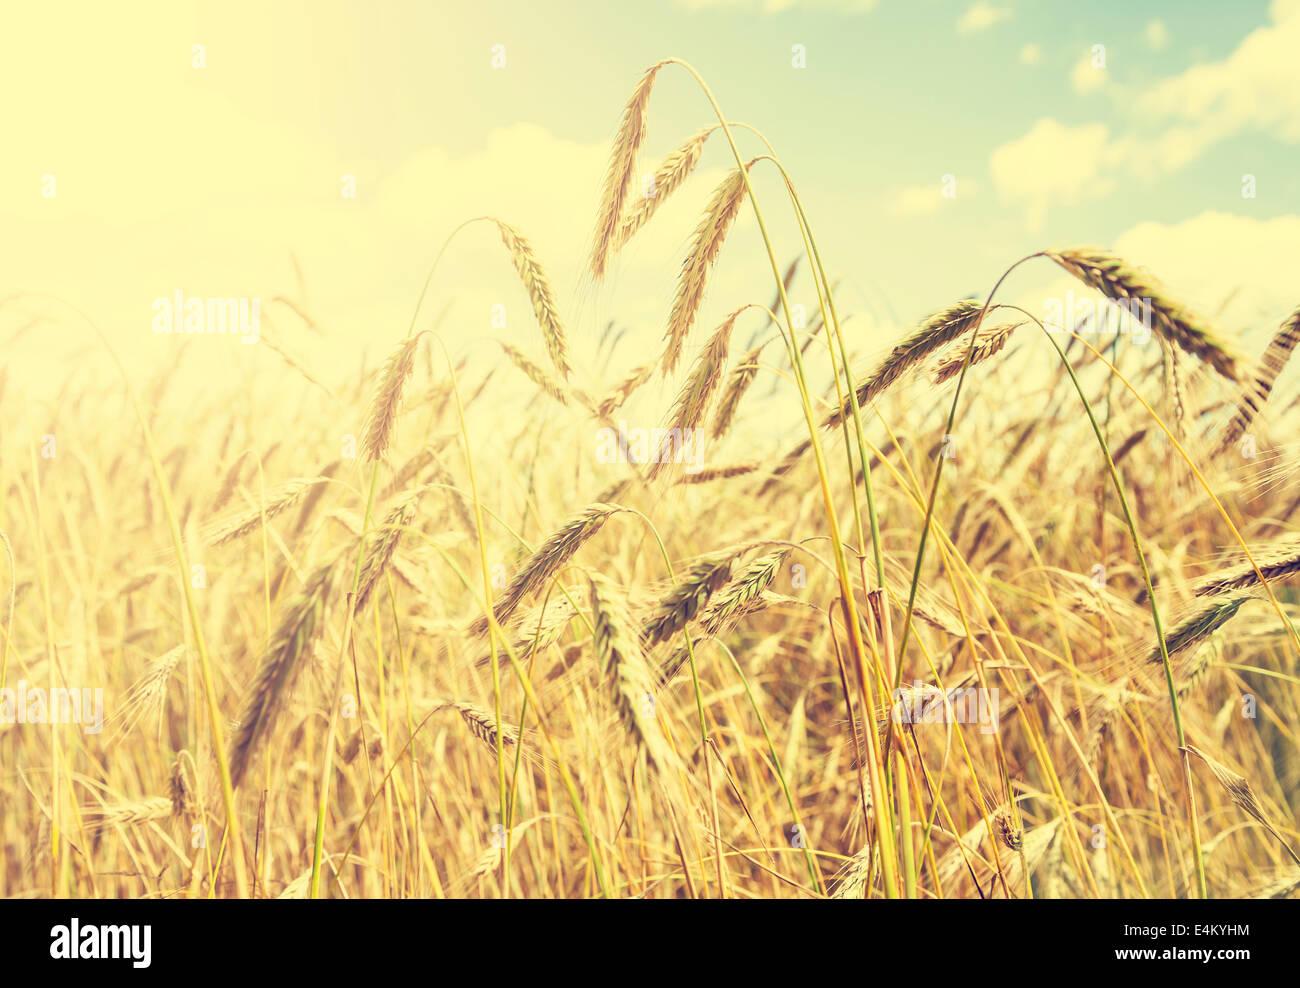 Vintage de fondo natural, dorado campo de trigo. Imagen De Stock